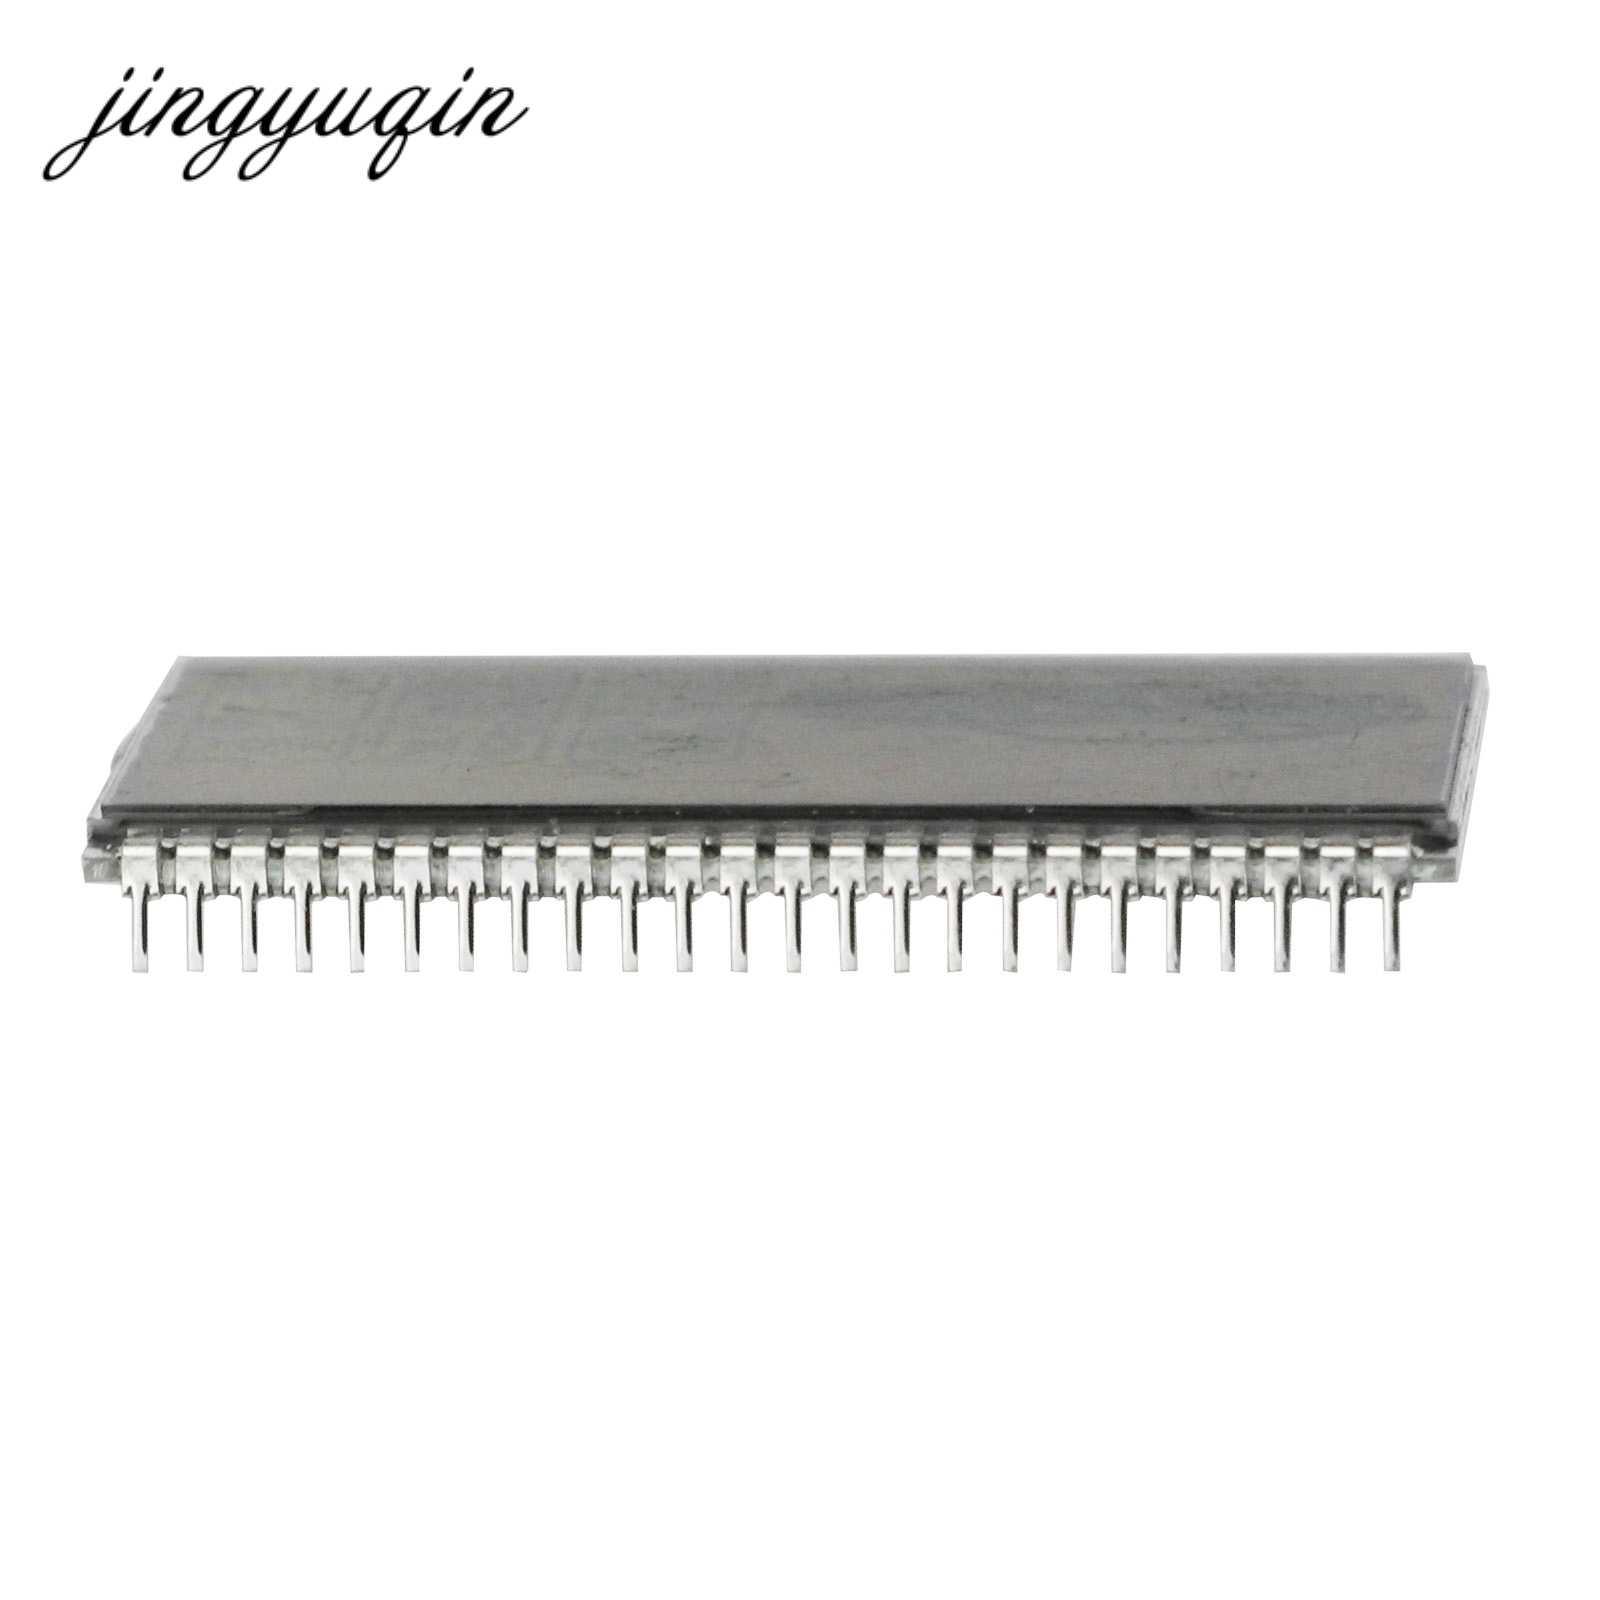 Jingyuqin DXL 3000 ЖК-дисплей для Pandora DXL3000 ЖК-пульт дистанционного управления брелок цепь/двухсторонняя Автомобильная сигнализация DXL 3000